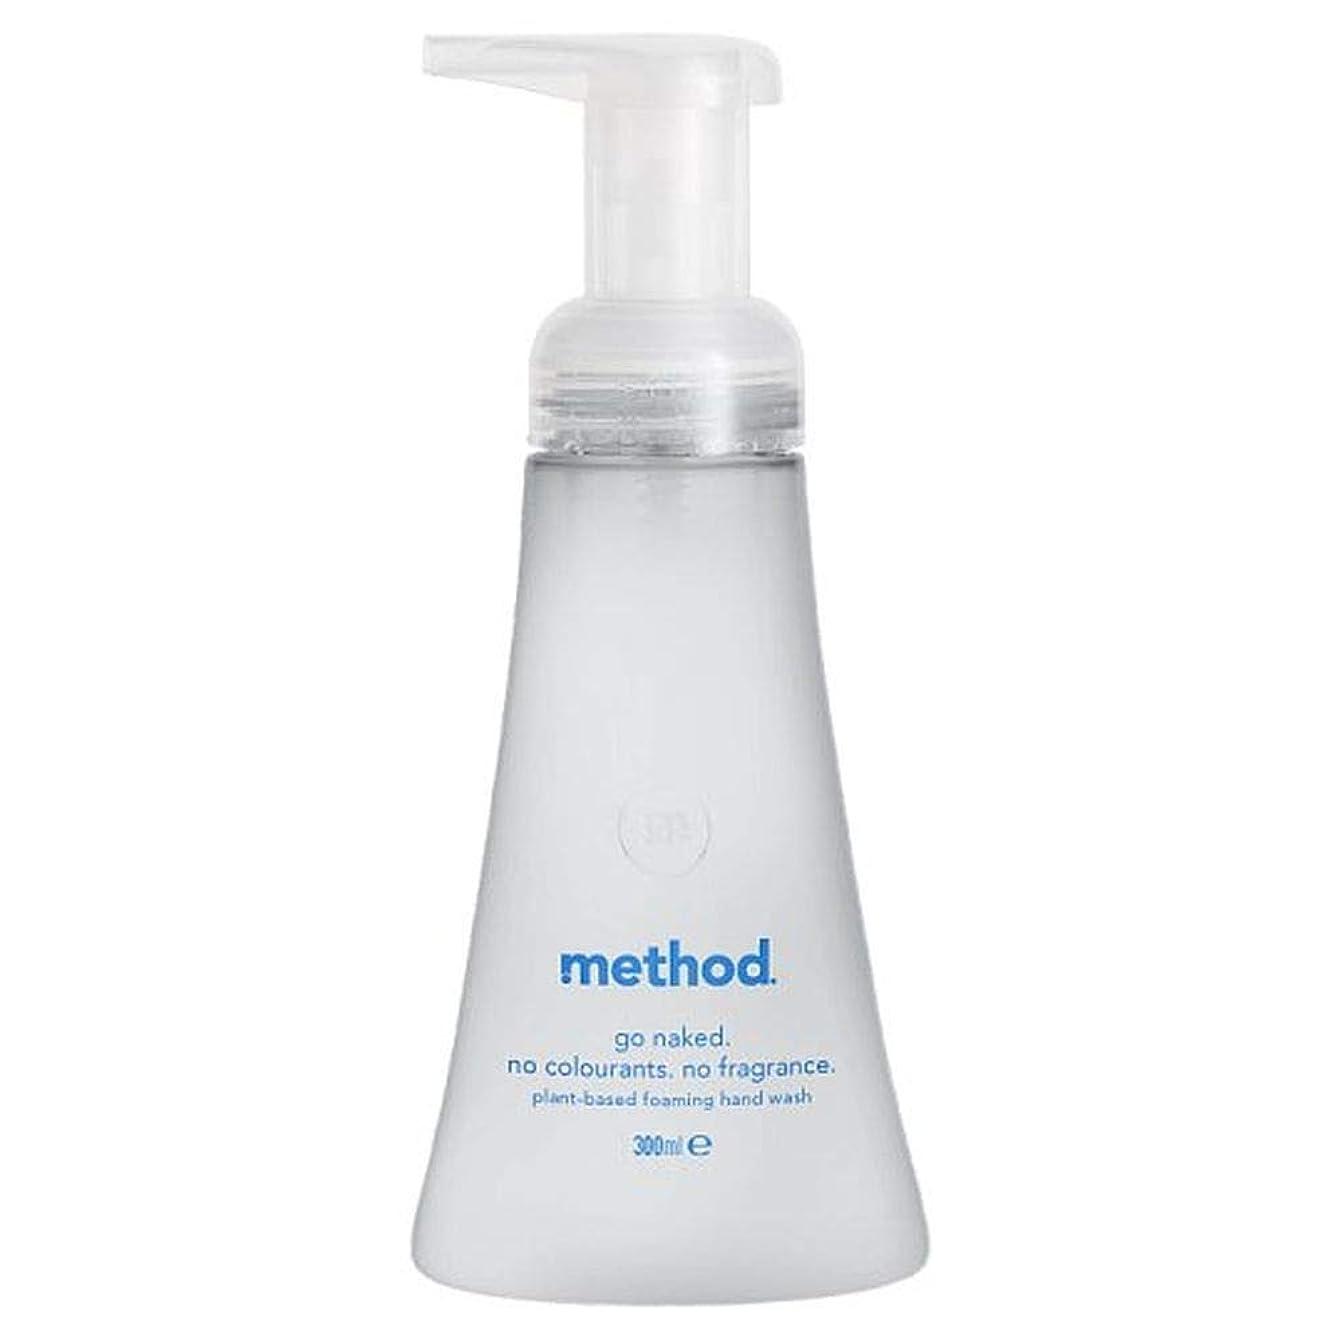 比類なき書店変色する[Method ] メソッド裸発泡手洗いの300ミリリットル - Method Naked Foaming Handwash 300Ml [並行輸入品]